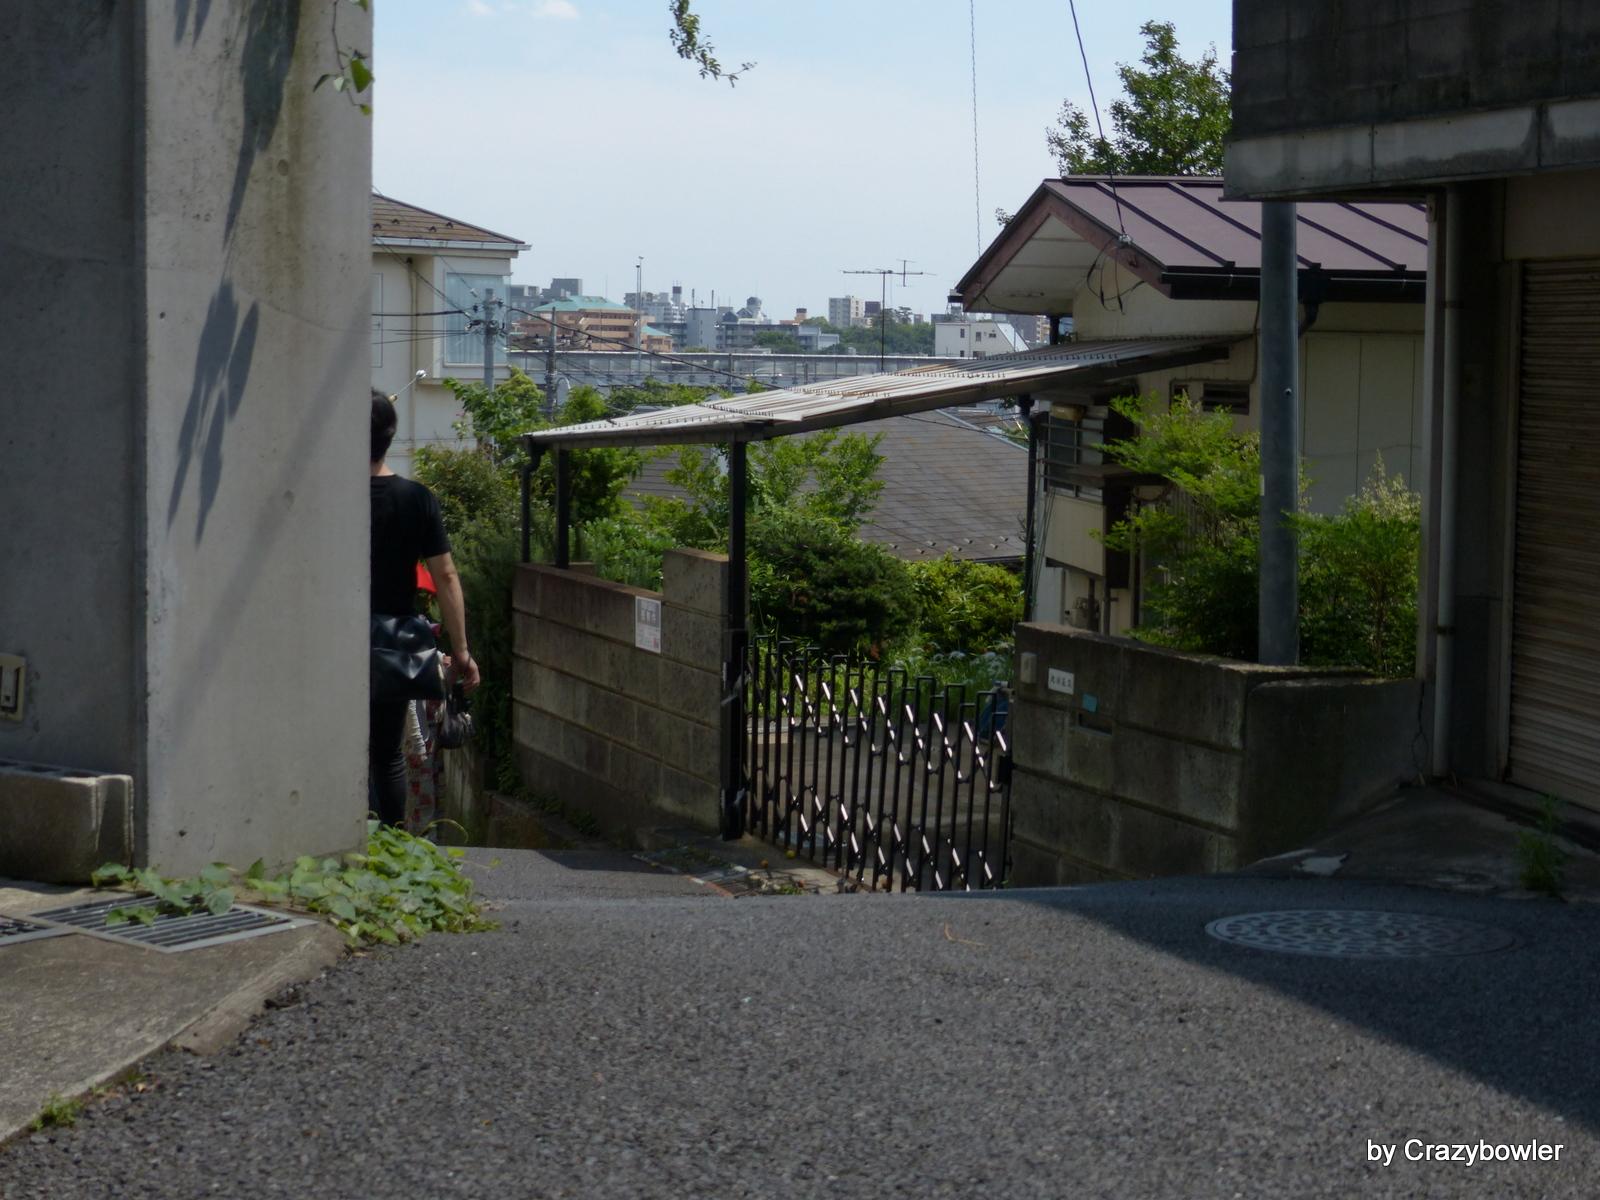 深大寺元町3-17,18【国分寺崖線フィールドワーク】